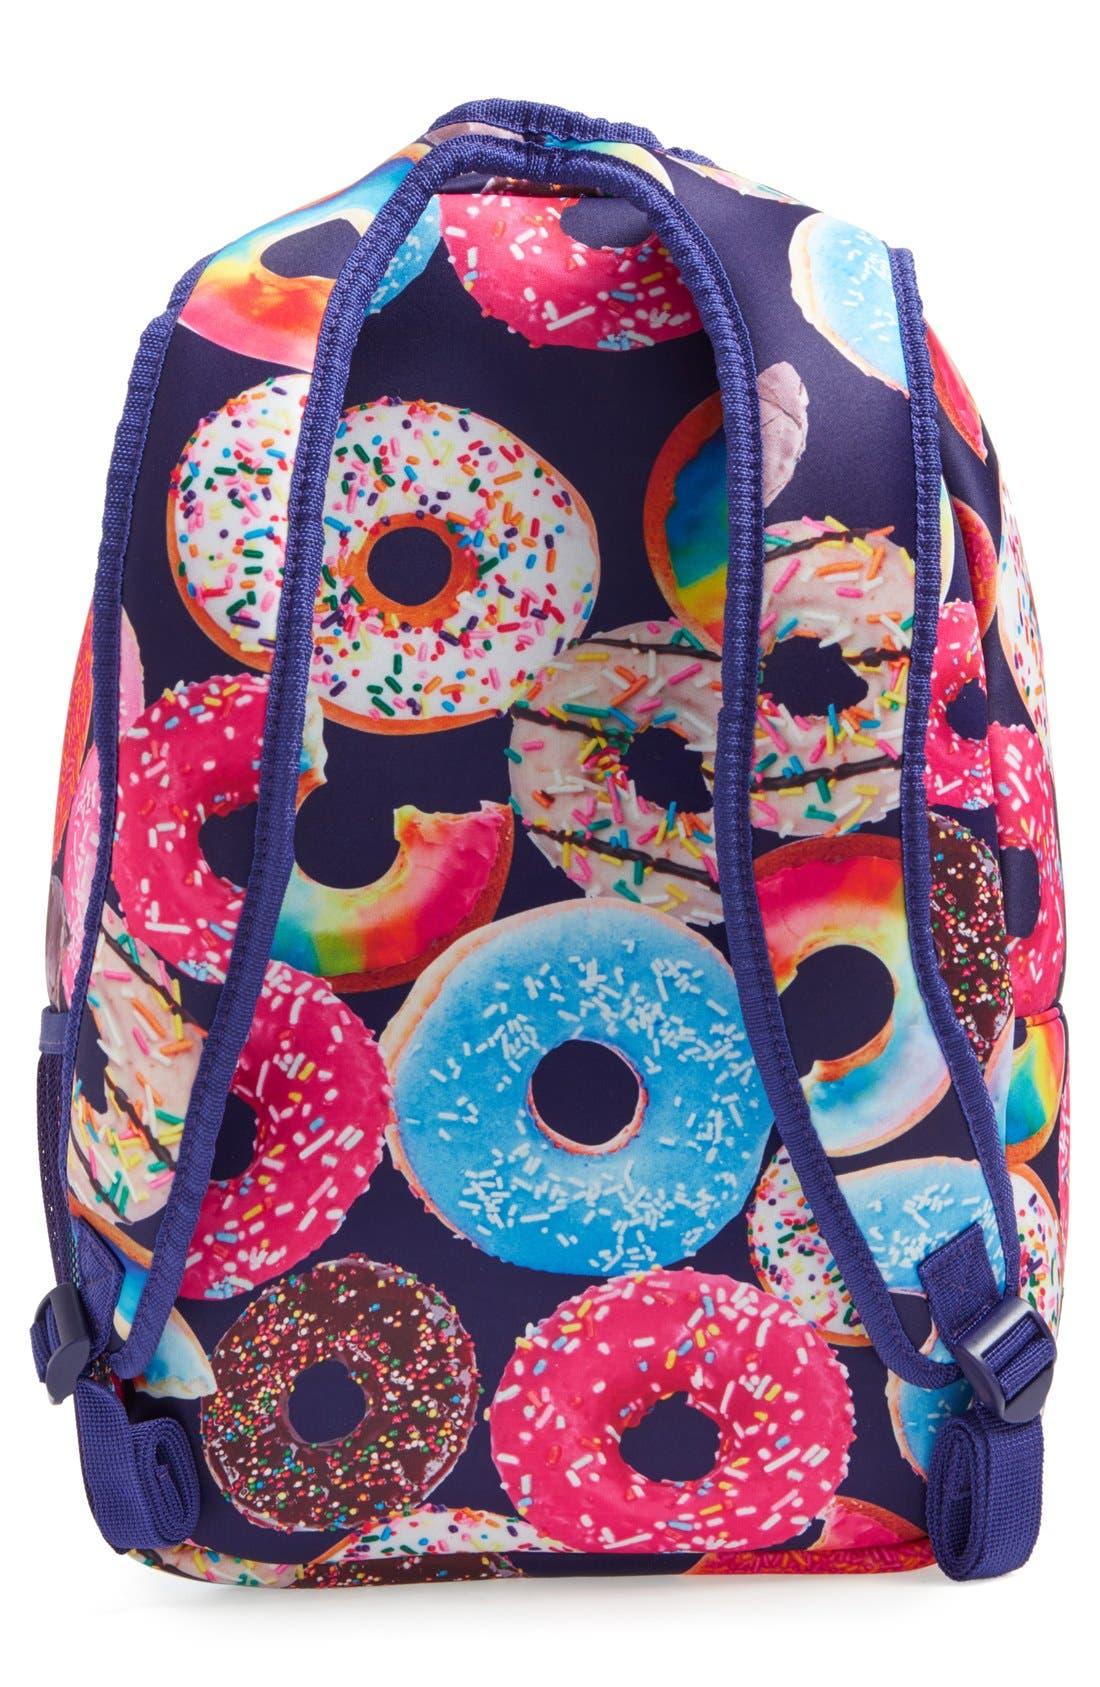 'Donut Shop' Neoprene Backpack,                             Alternate thumbnail 2, color,                             Black Multi